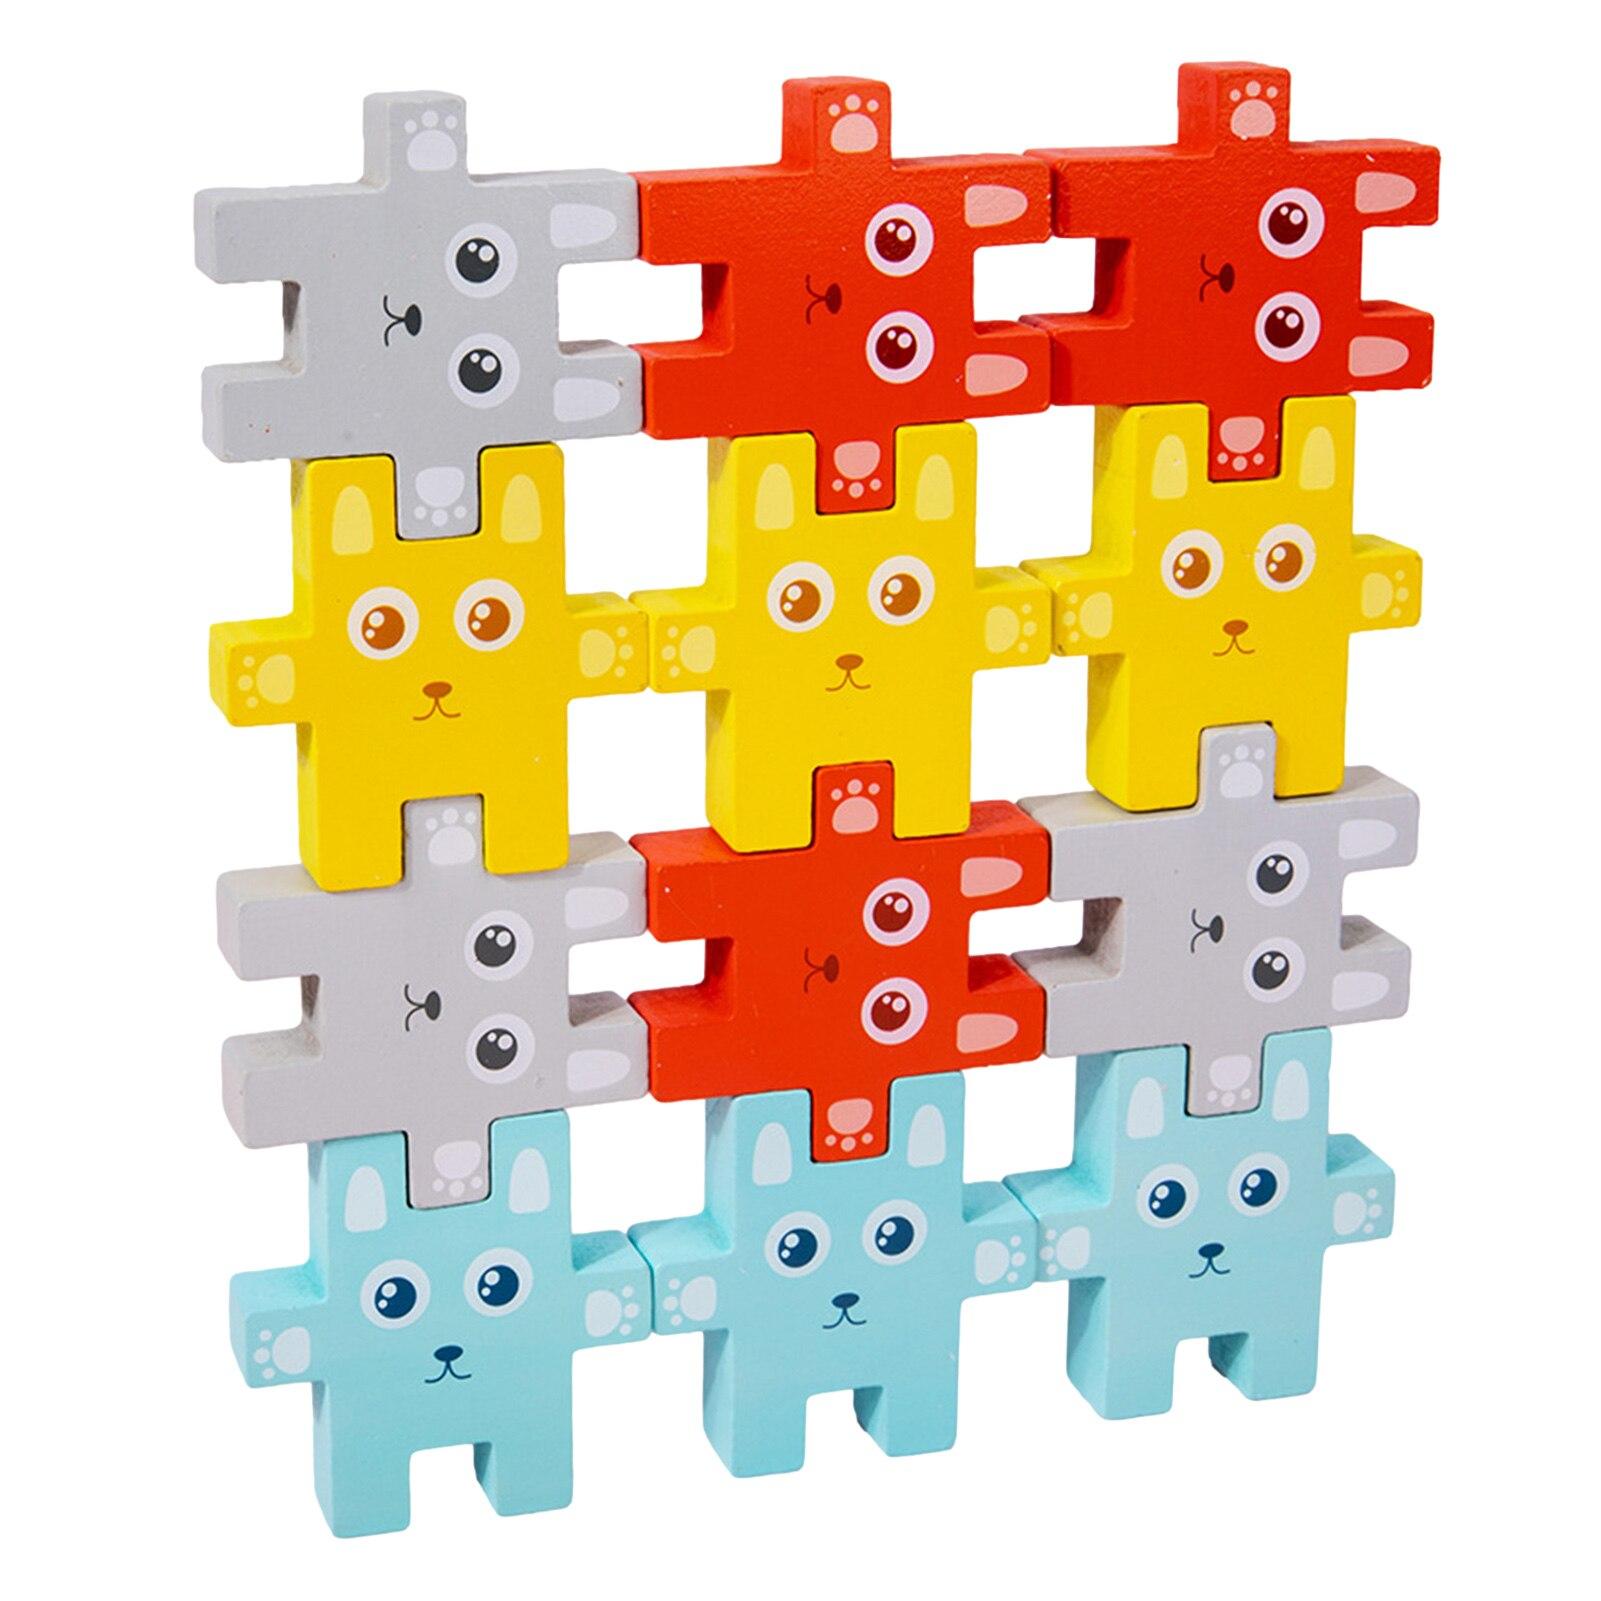 1 Набор Монтессори балансировочная игра деревянные блоки для детей Обучающие игрушки подарок для детей забавные пирамиды строительные бло...